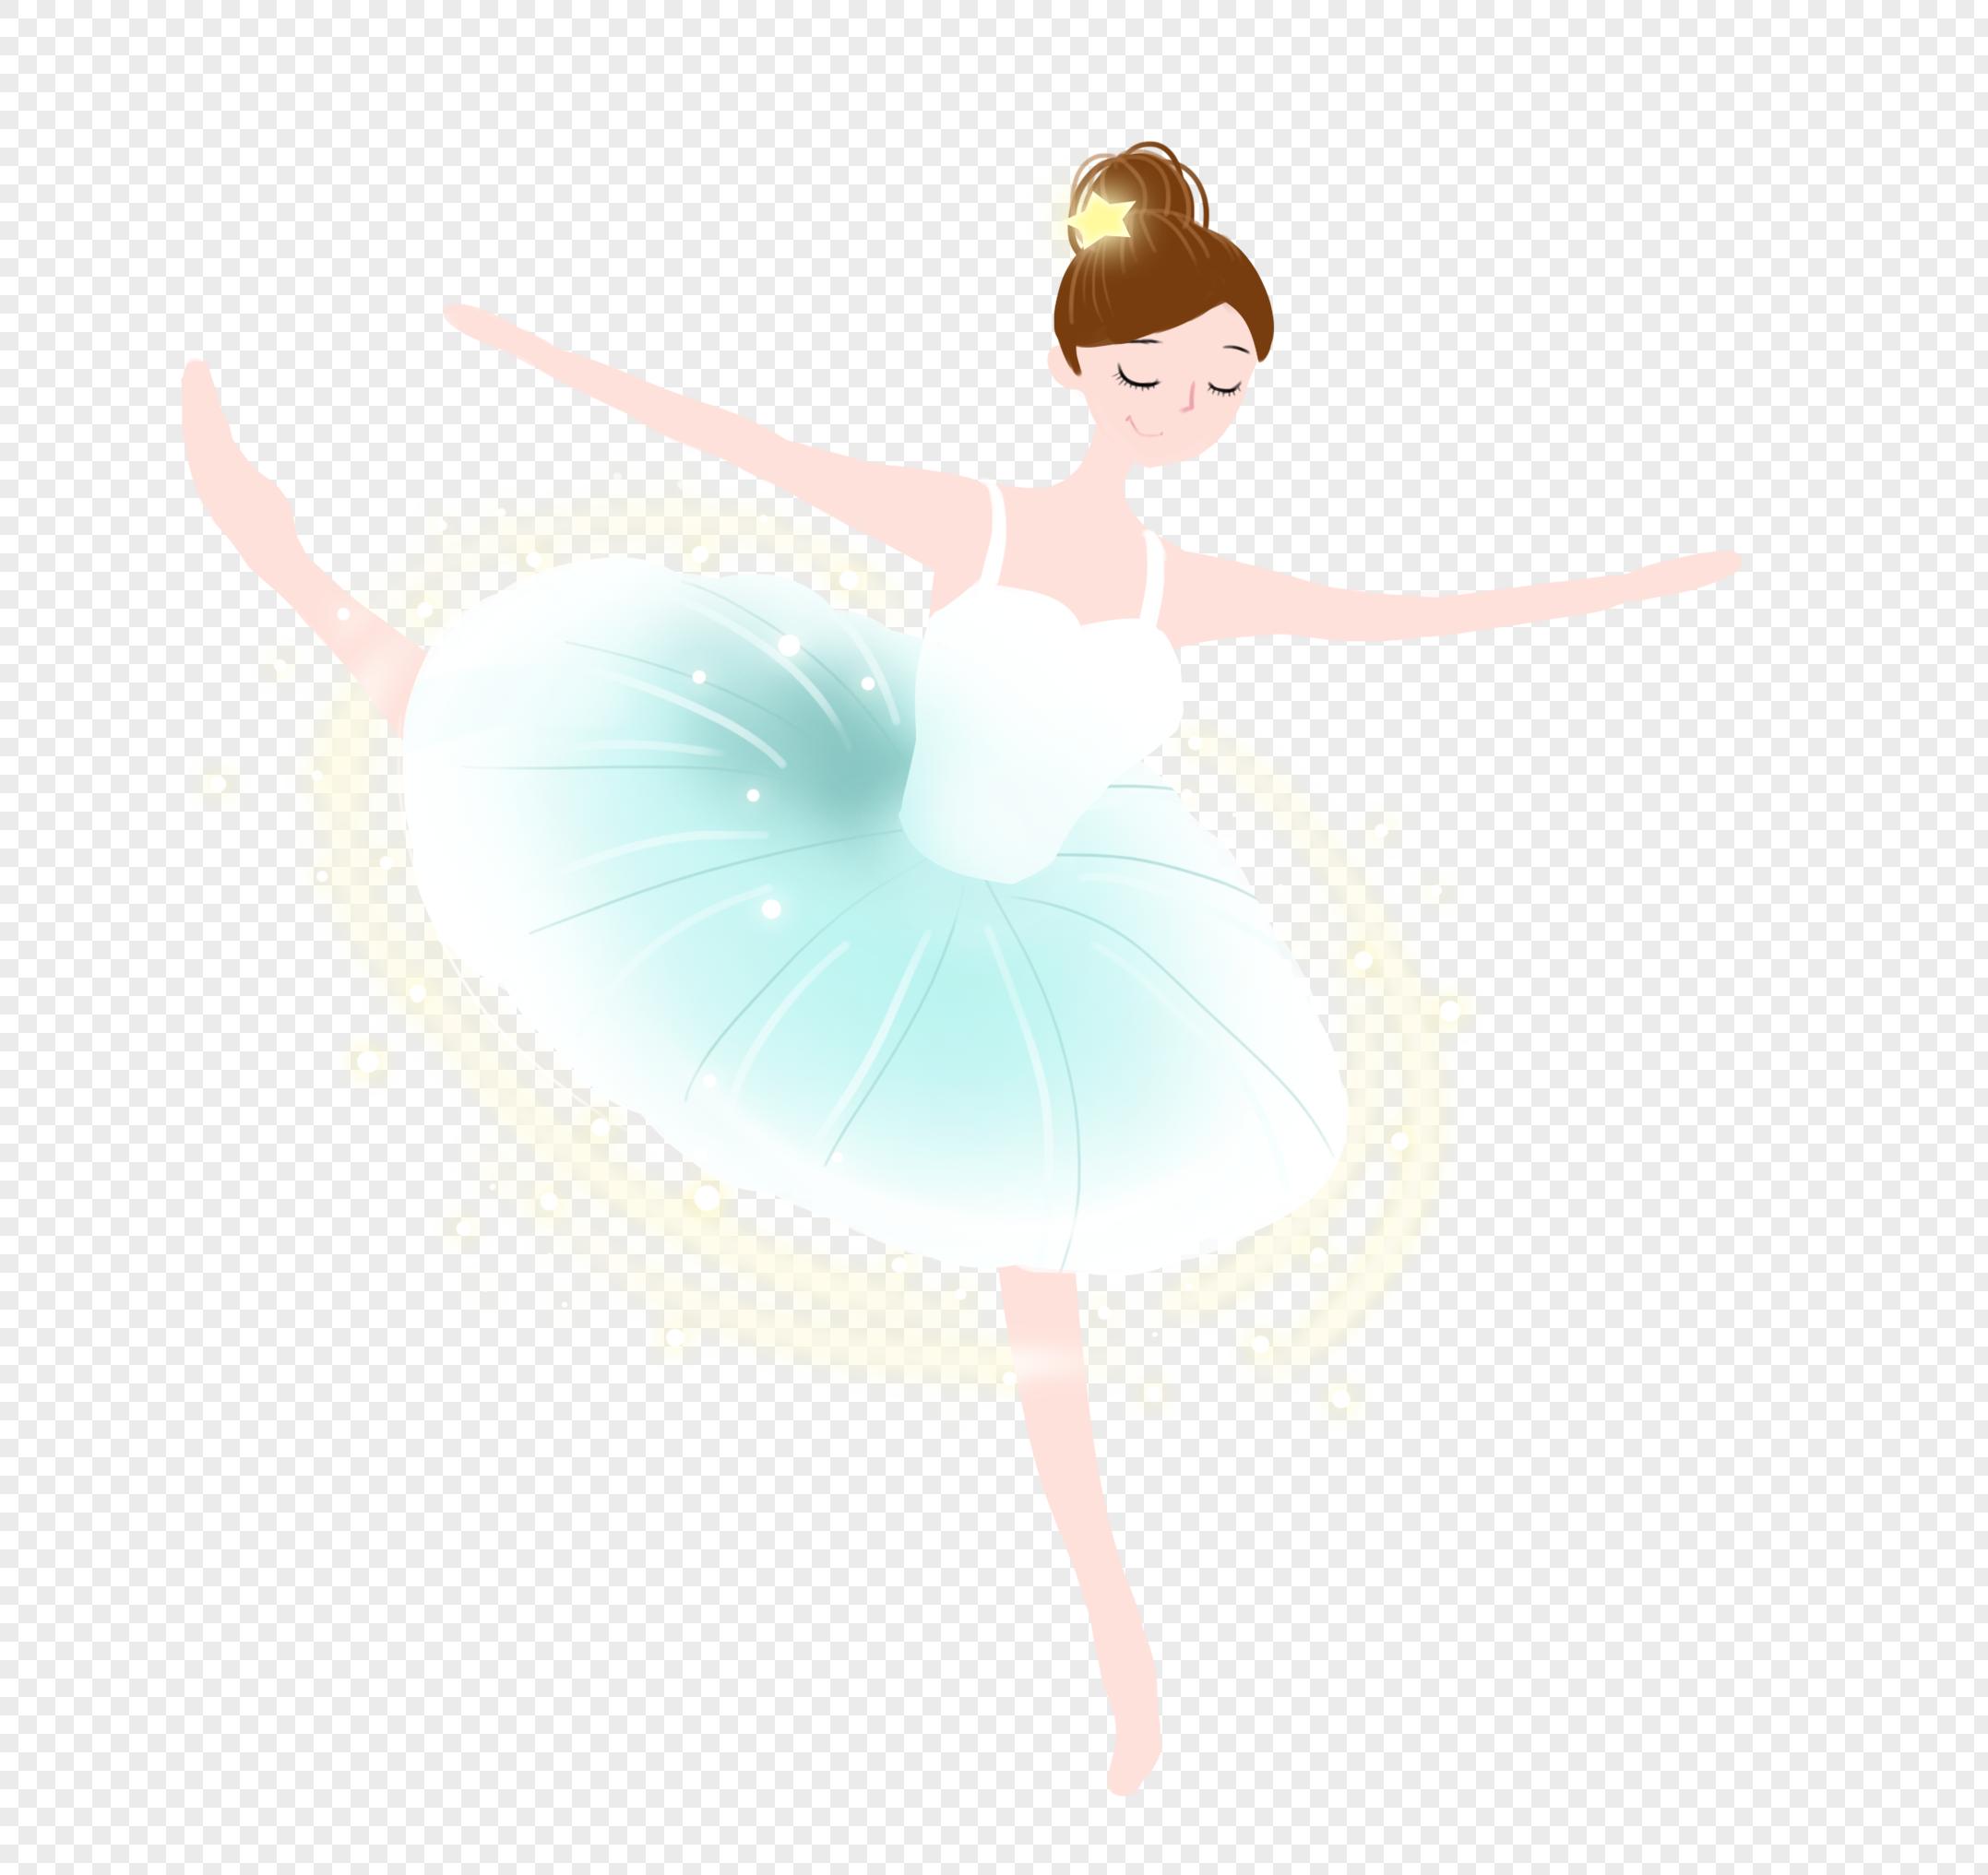 图片 素材 手绘/卡通元素 芭蕾舞女孩.